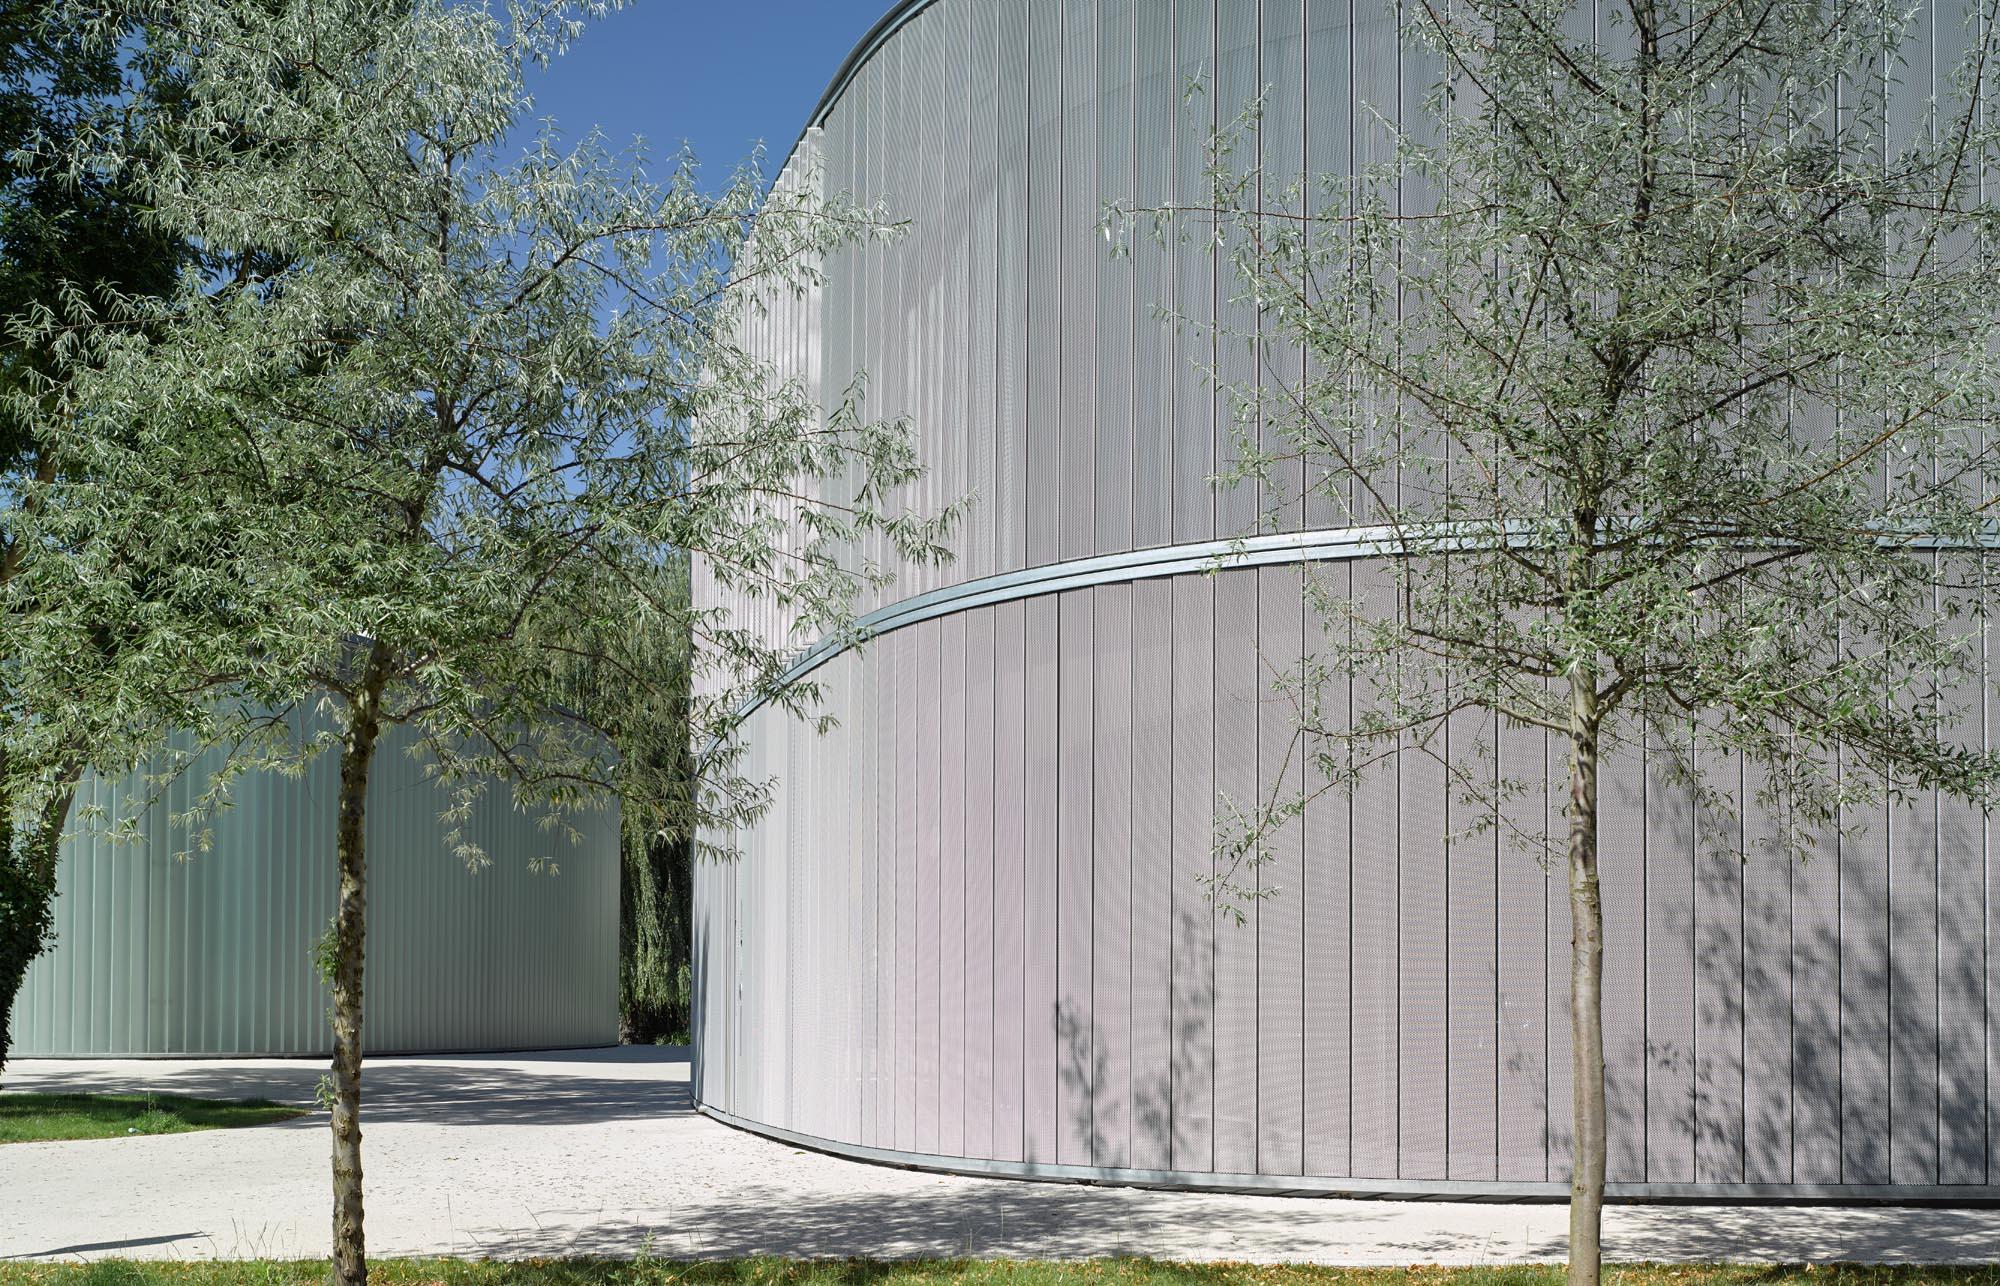 OPC 160807 1080 - Galerie Stihl Waiblingen: Außenansichten aus sechs Perspektiven und vier Jahreszeiten